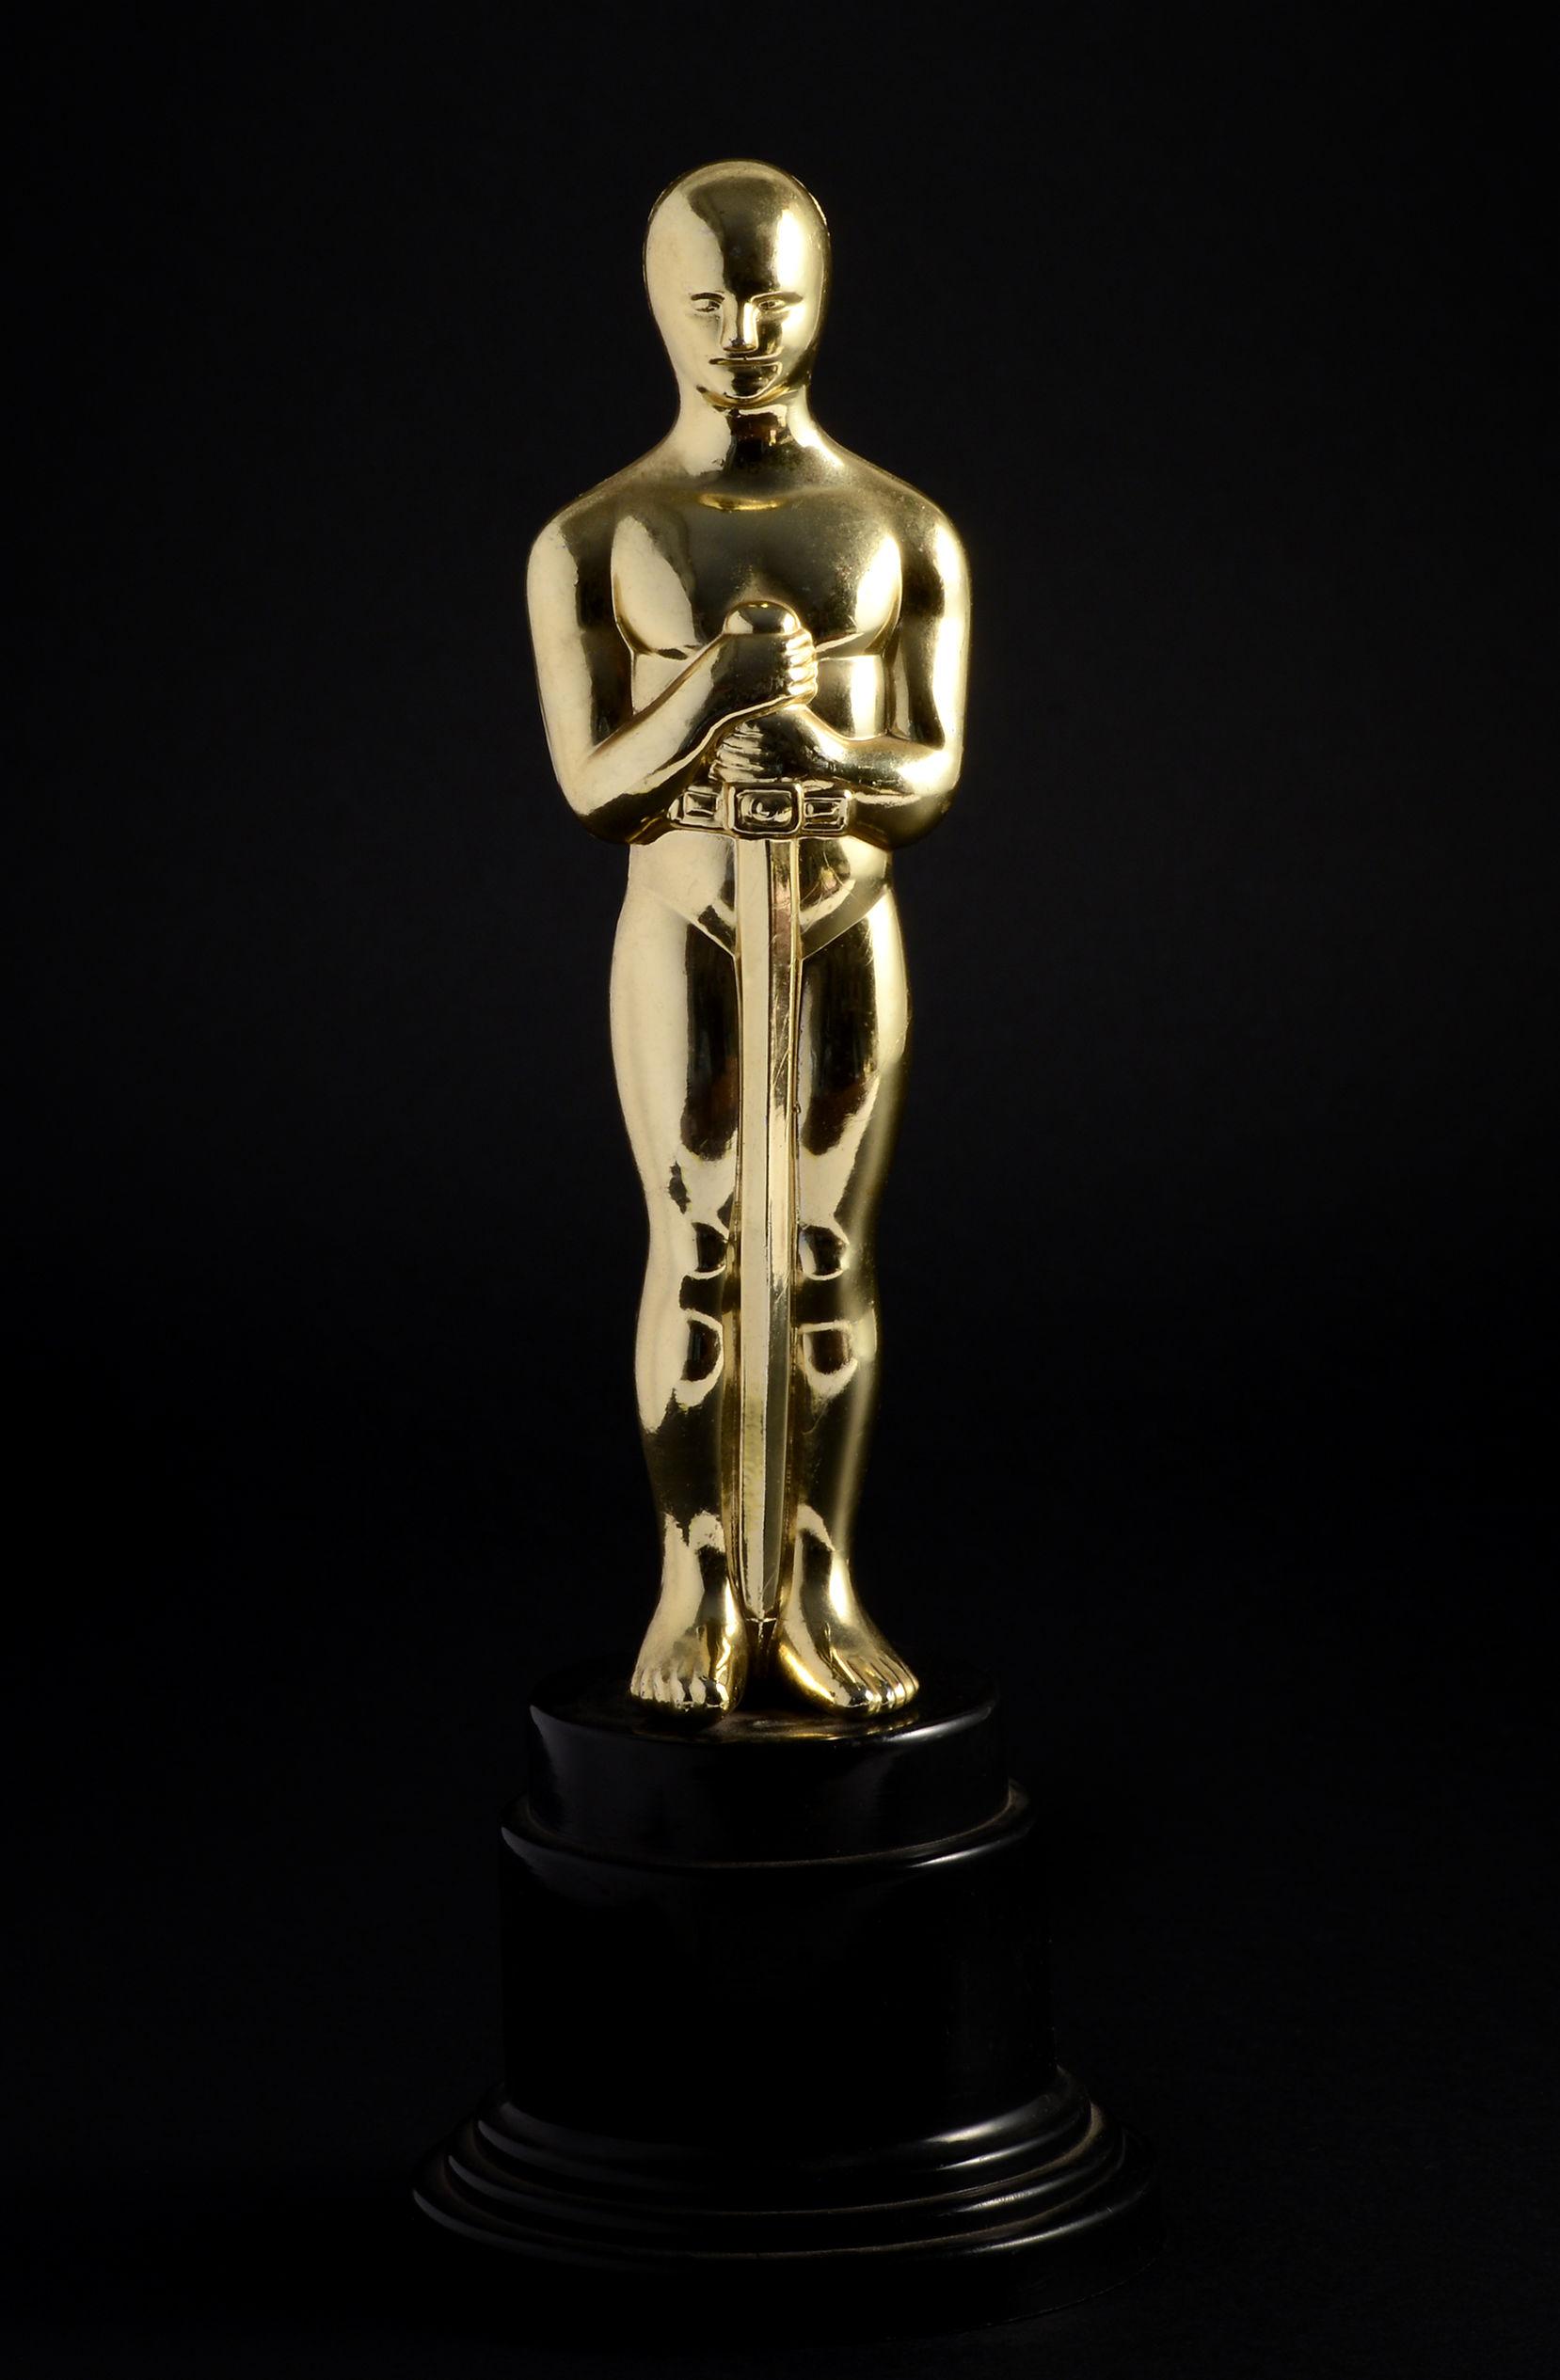 Oscar winners announced